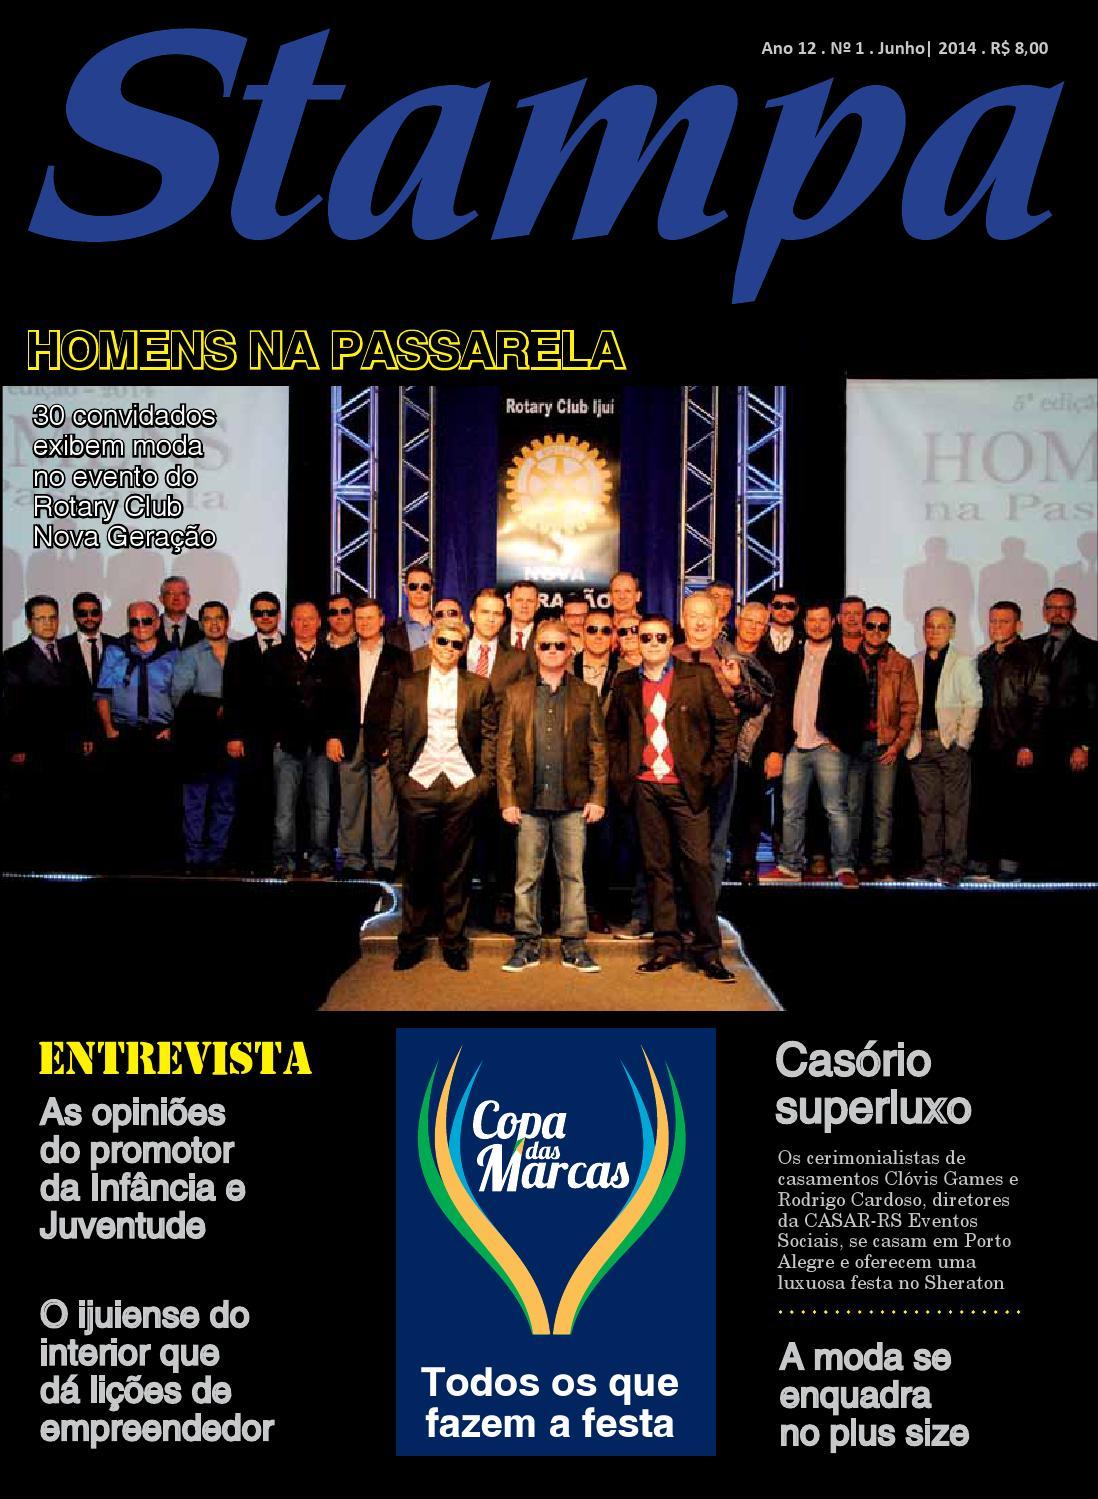 Stampa web junho by Classificados Jornal da Manhã - issuu 6ad368a26f